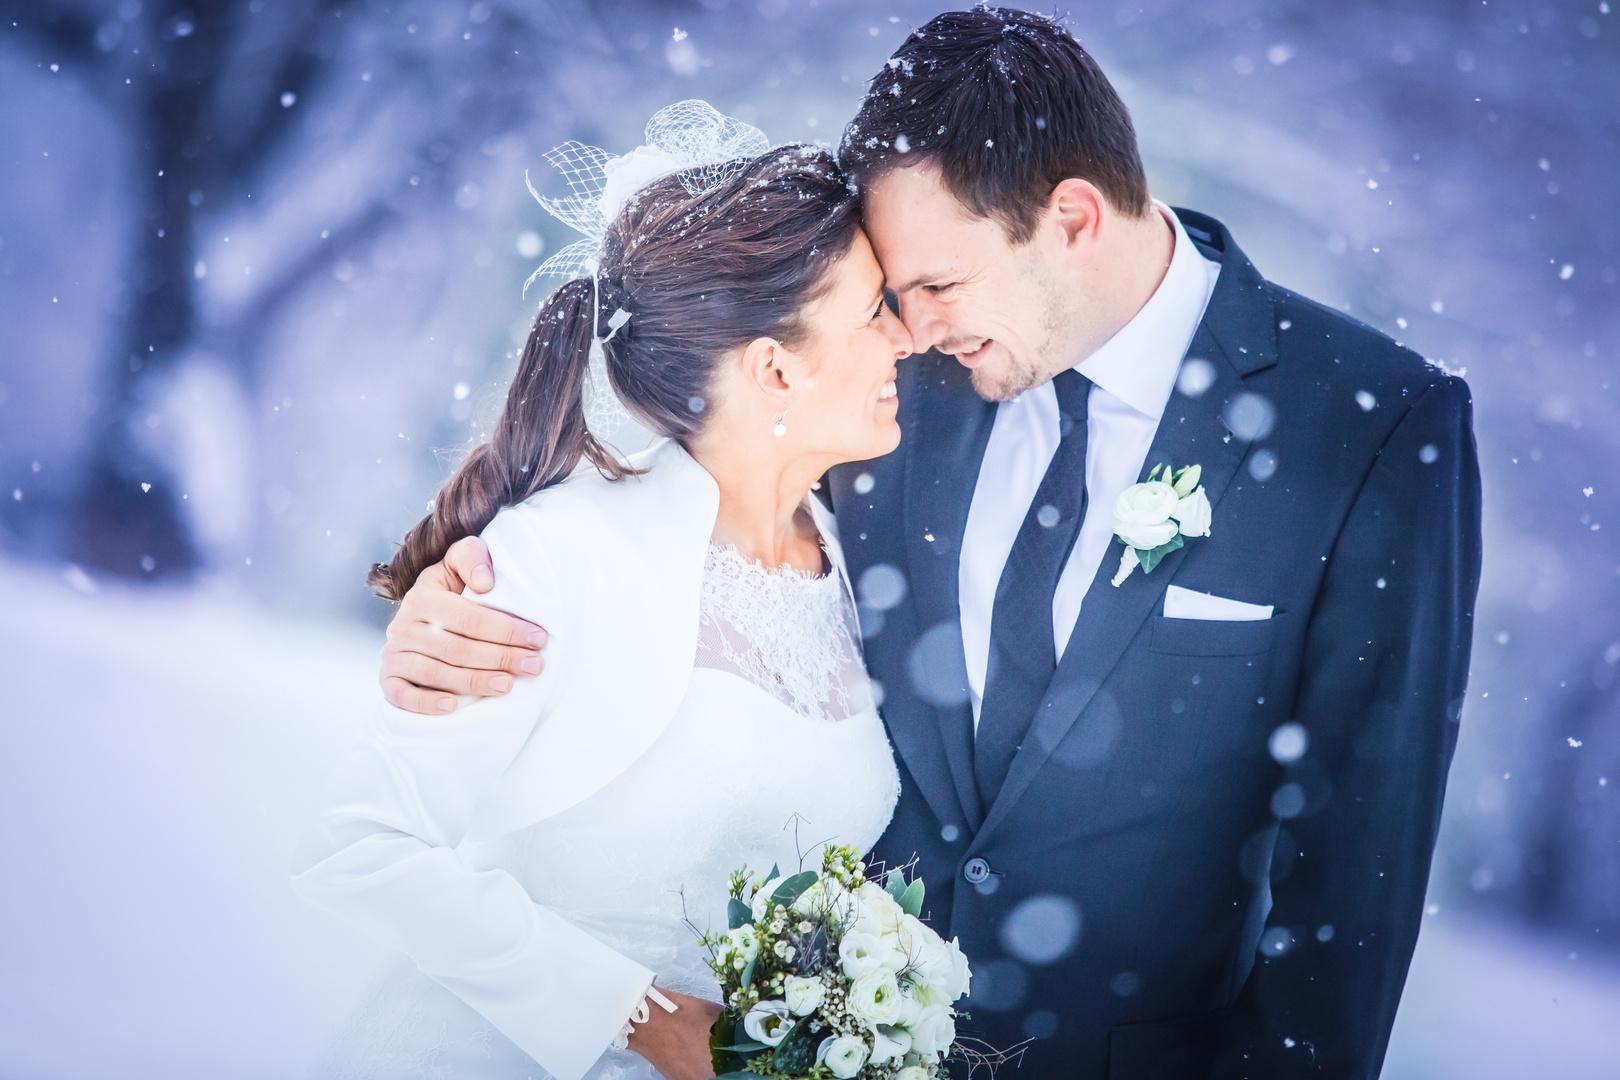 A Winter S Tale Foto Bild Hochzeit Regensburg Braut Bilder Auf